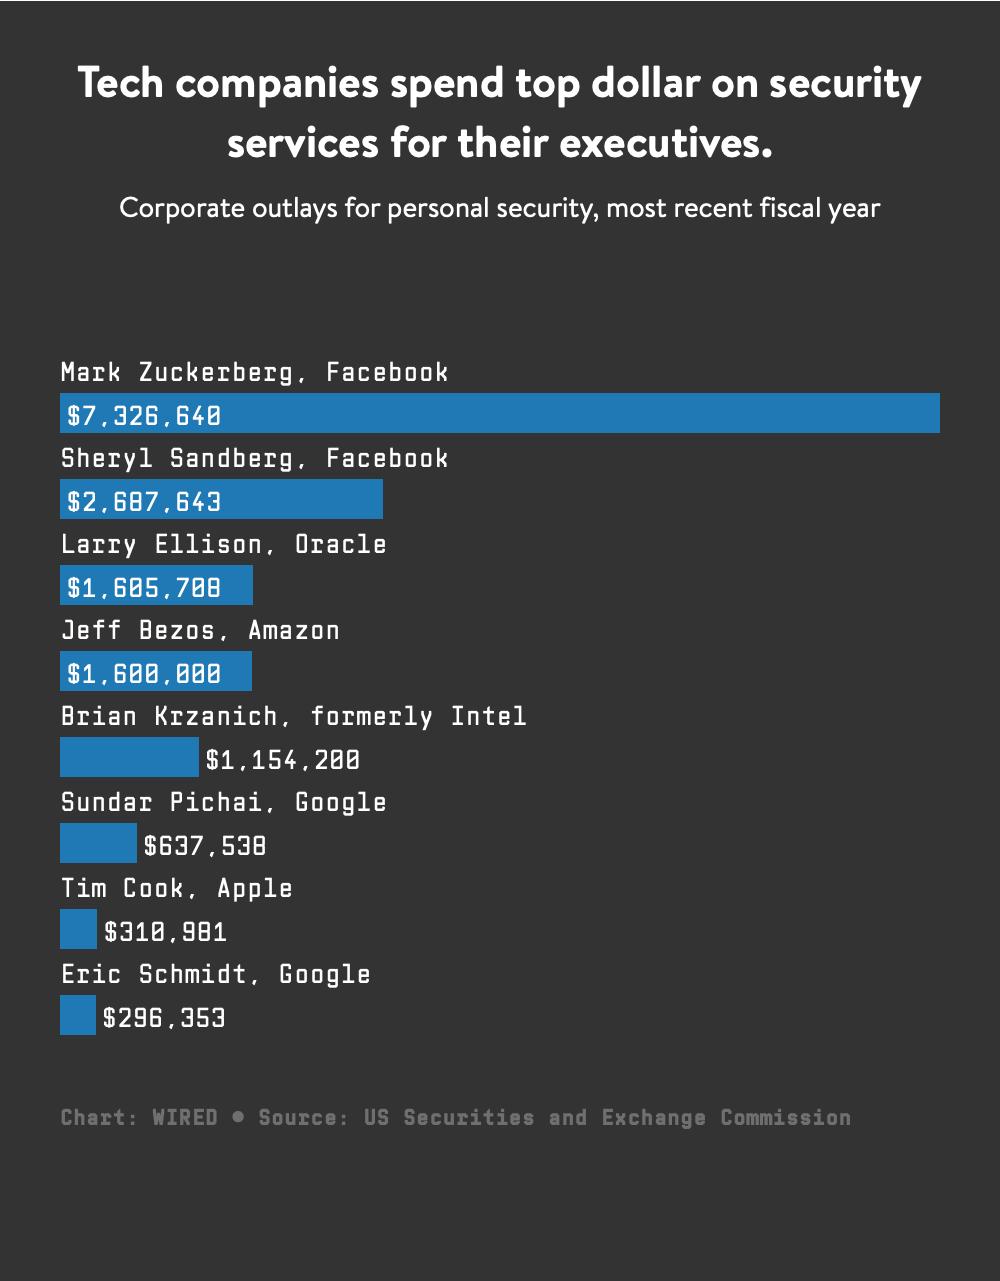 Custo de empresas com segurança para seus CEOs